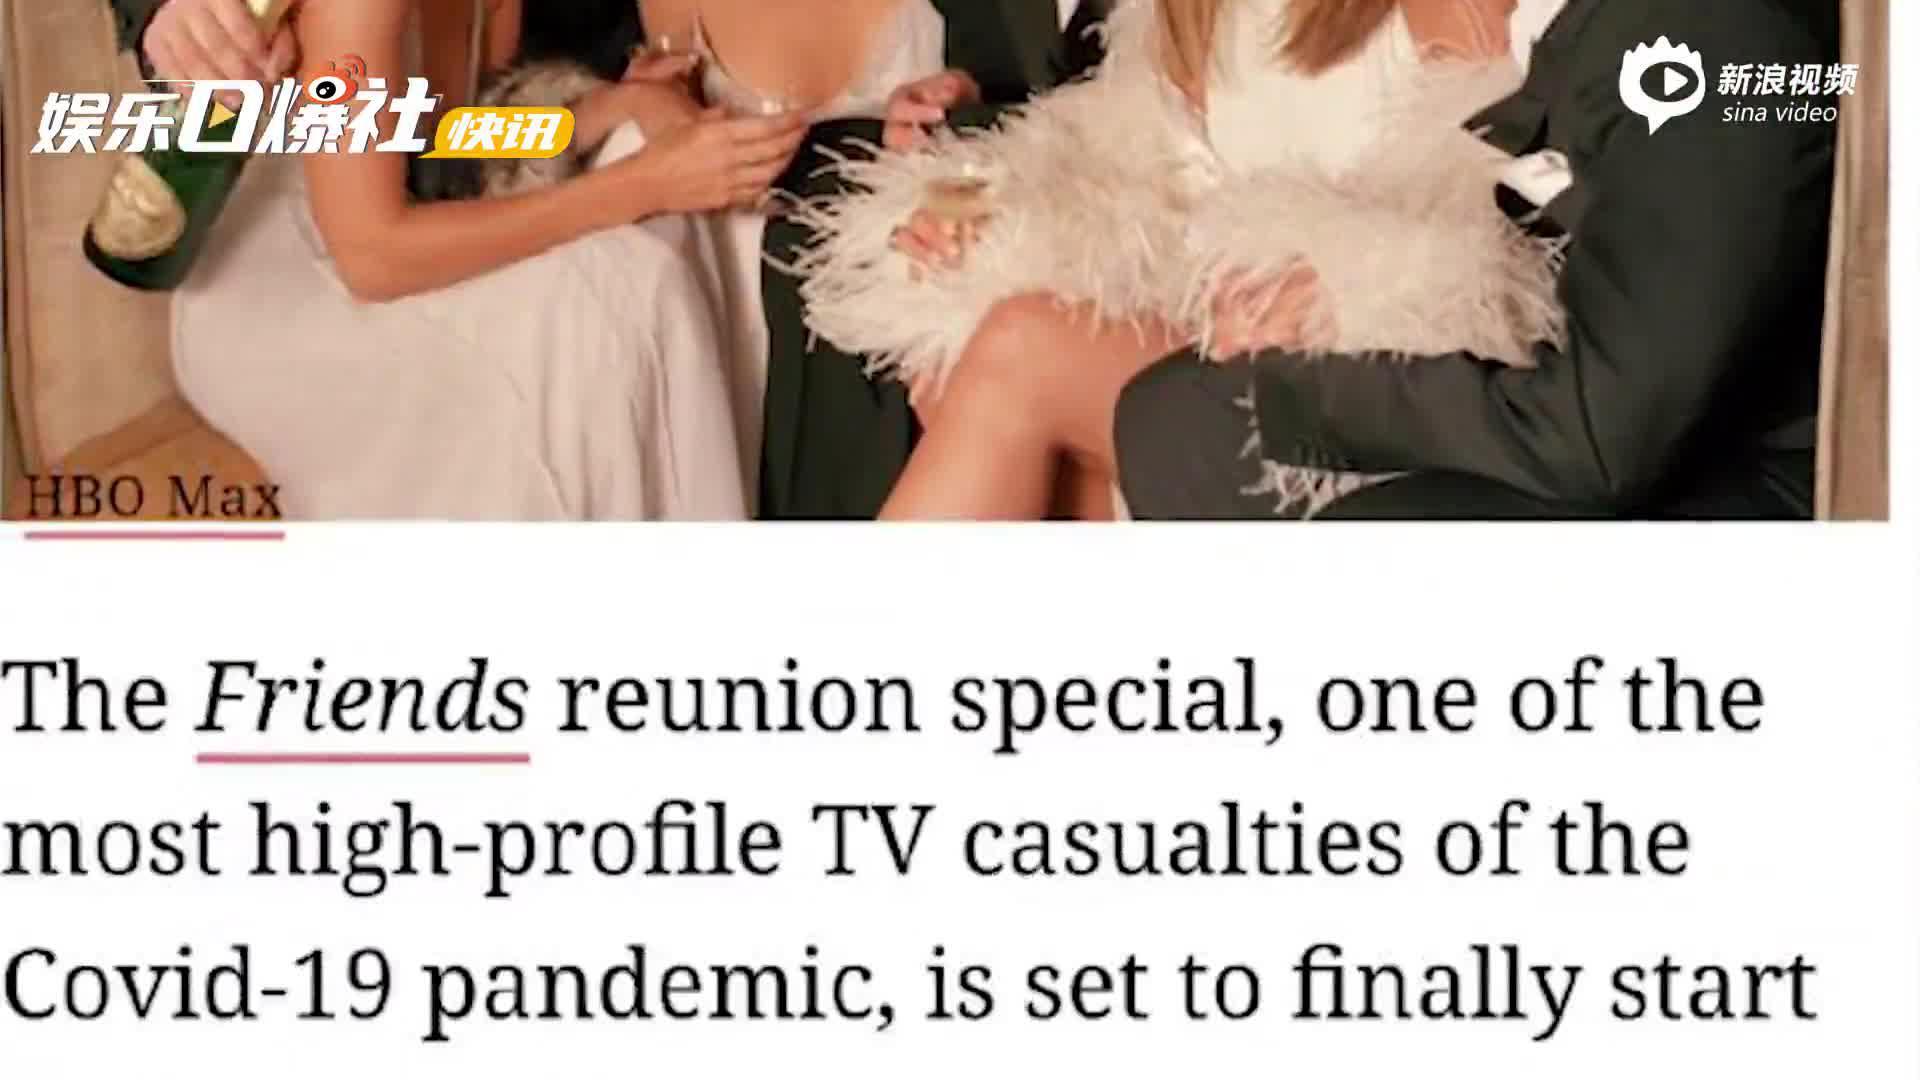 《老友记》重聚特别节目下周开拍 六位主角回归